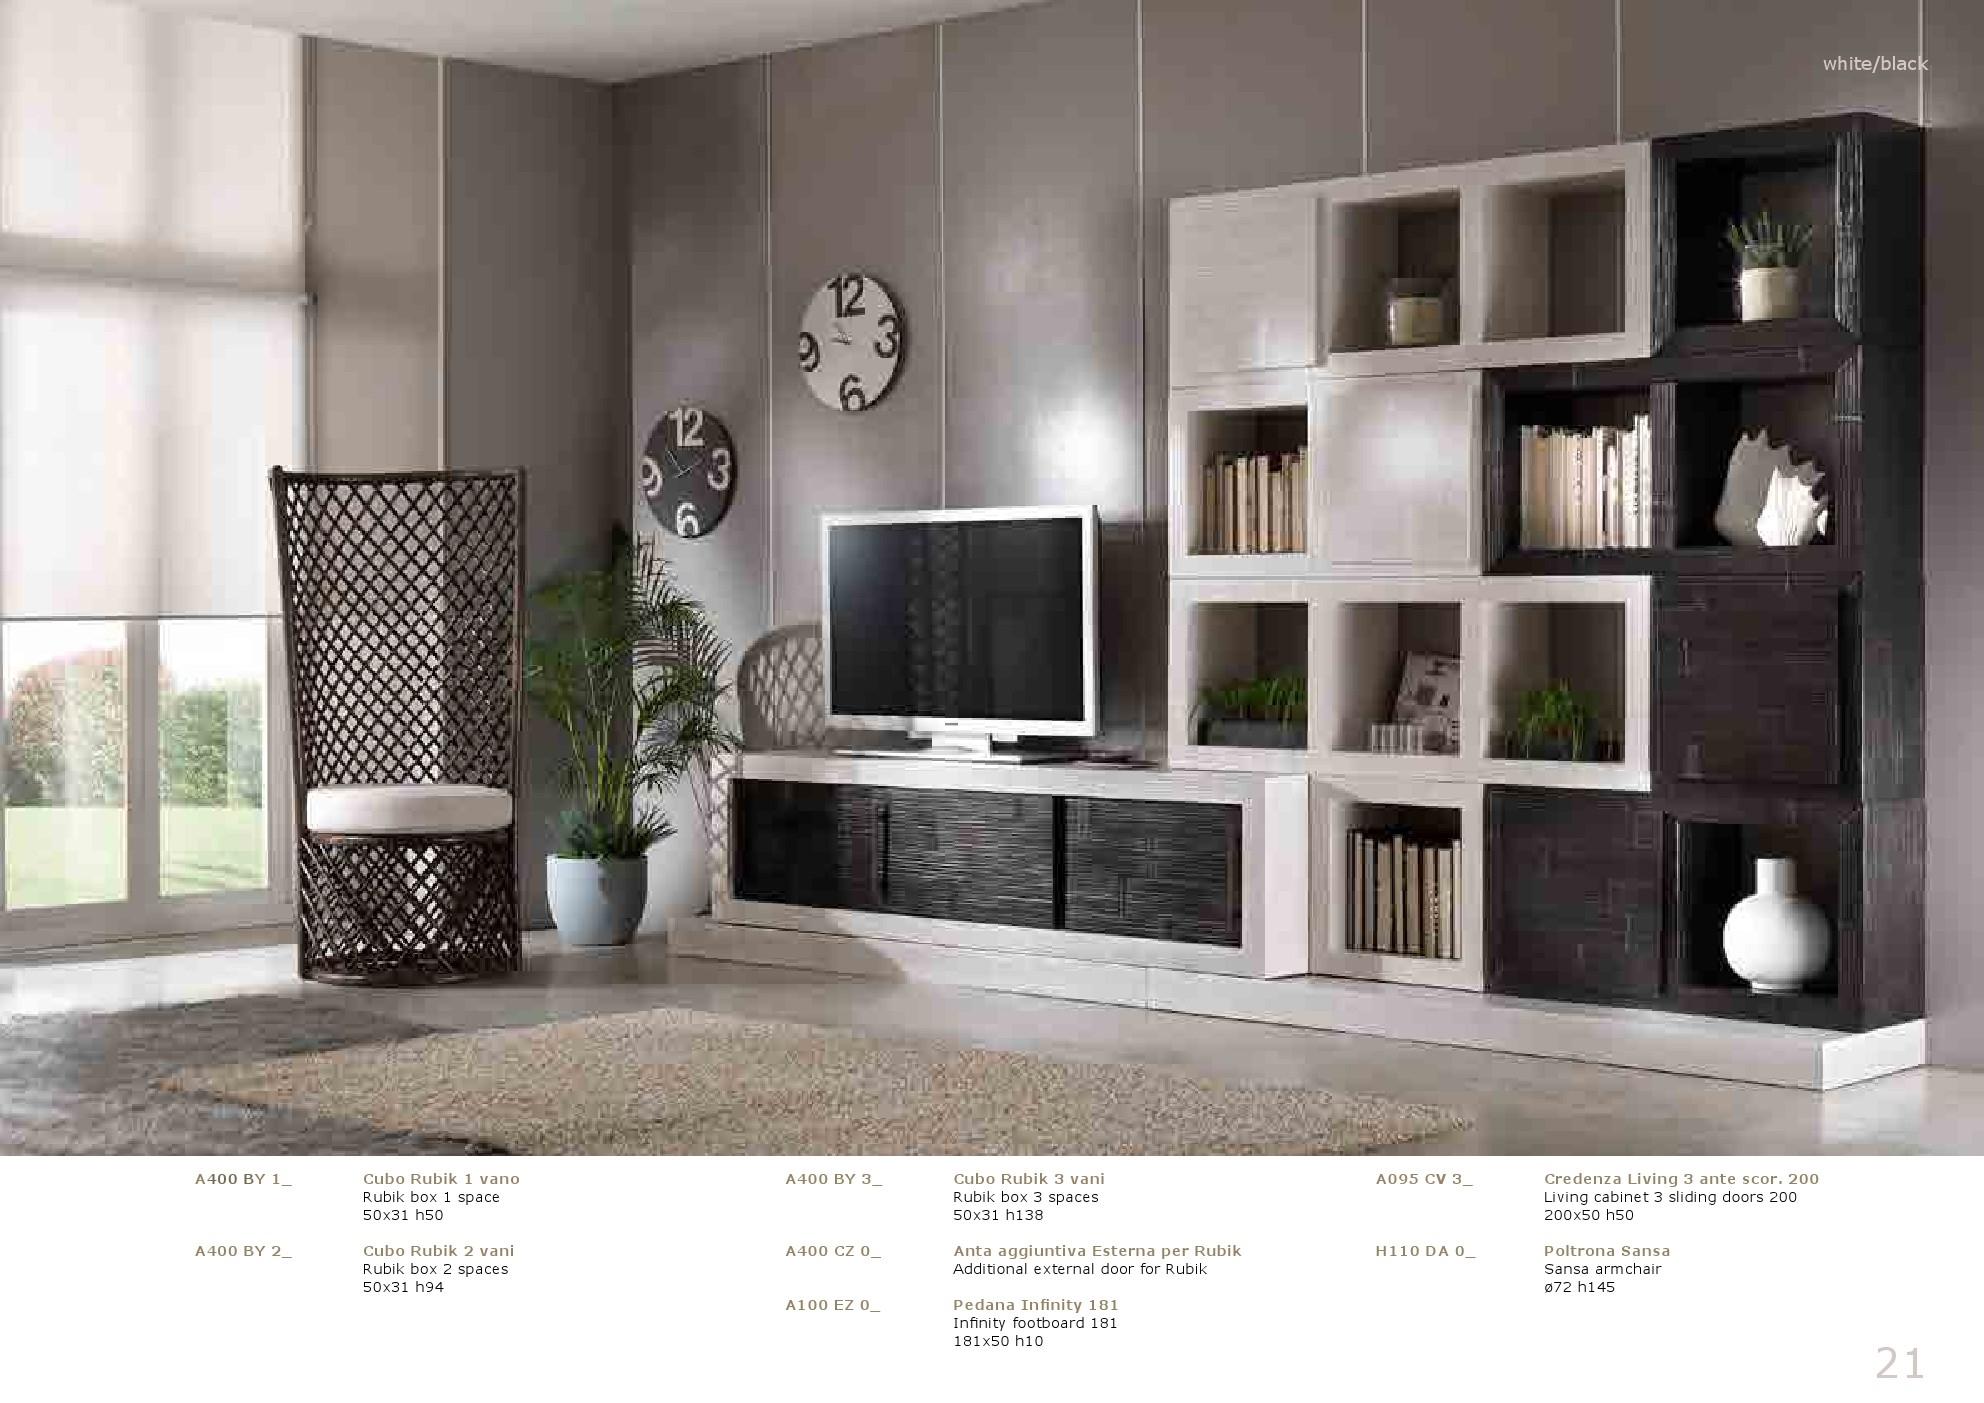 pareti divisorie cucina soggiorno. muretto divisorio tra cucina e ... - Soluzioni Divisorie Cucina Soggiorno 2